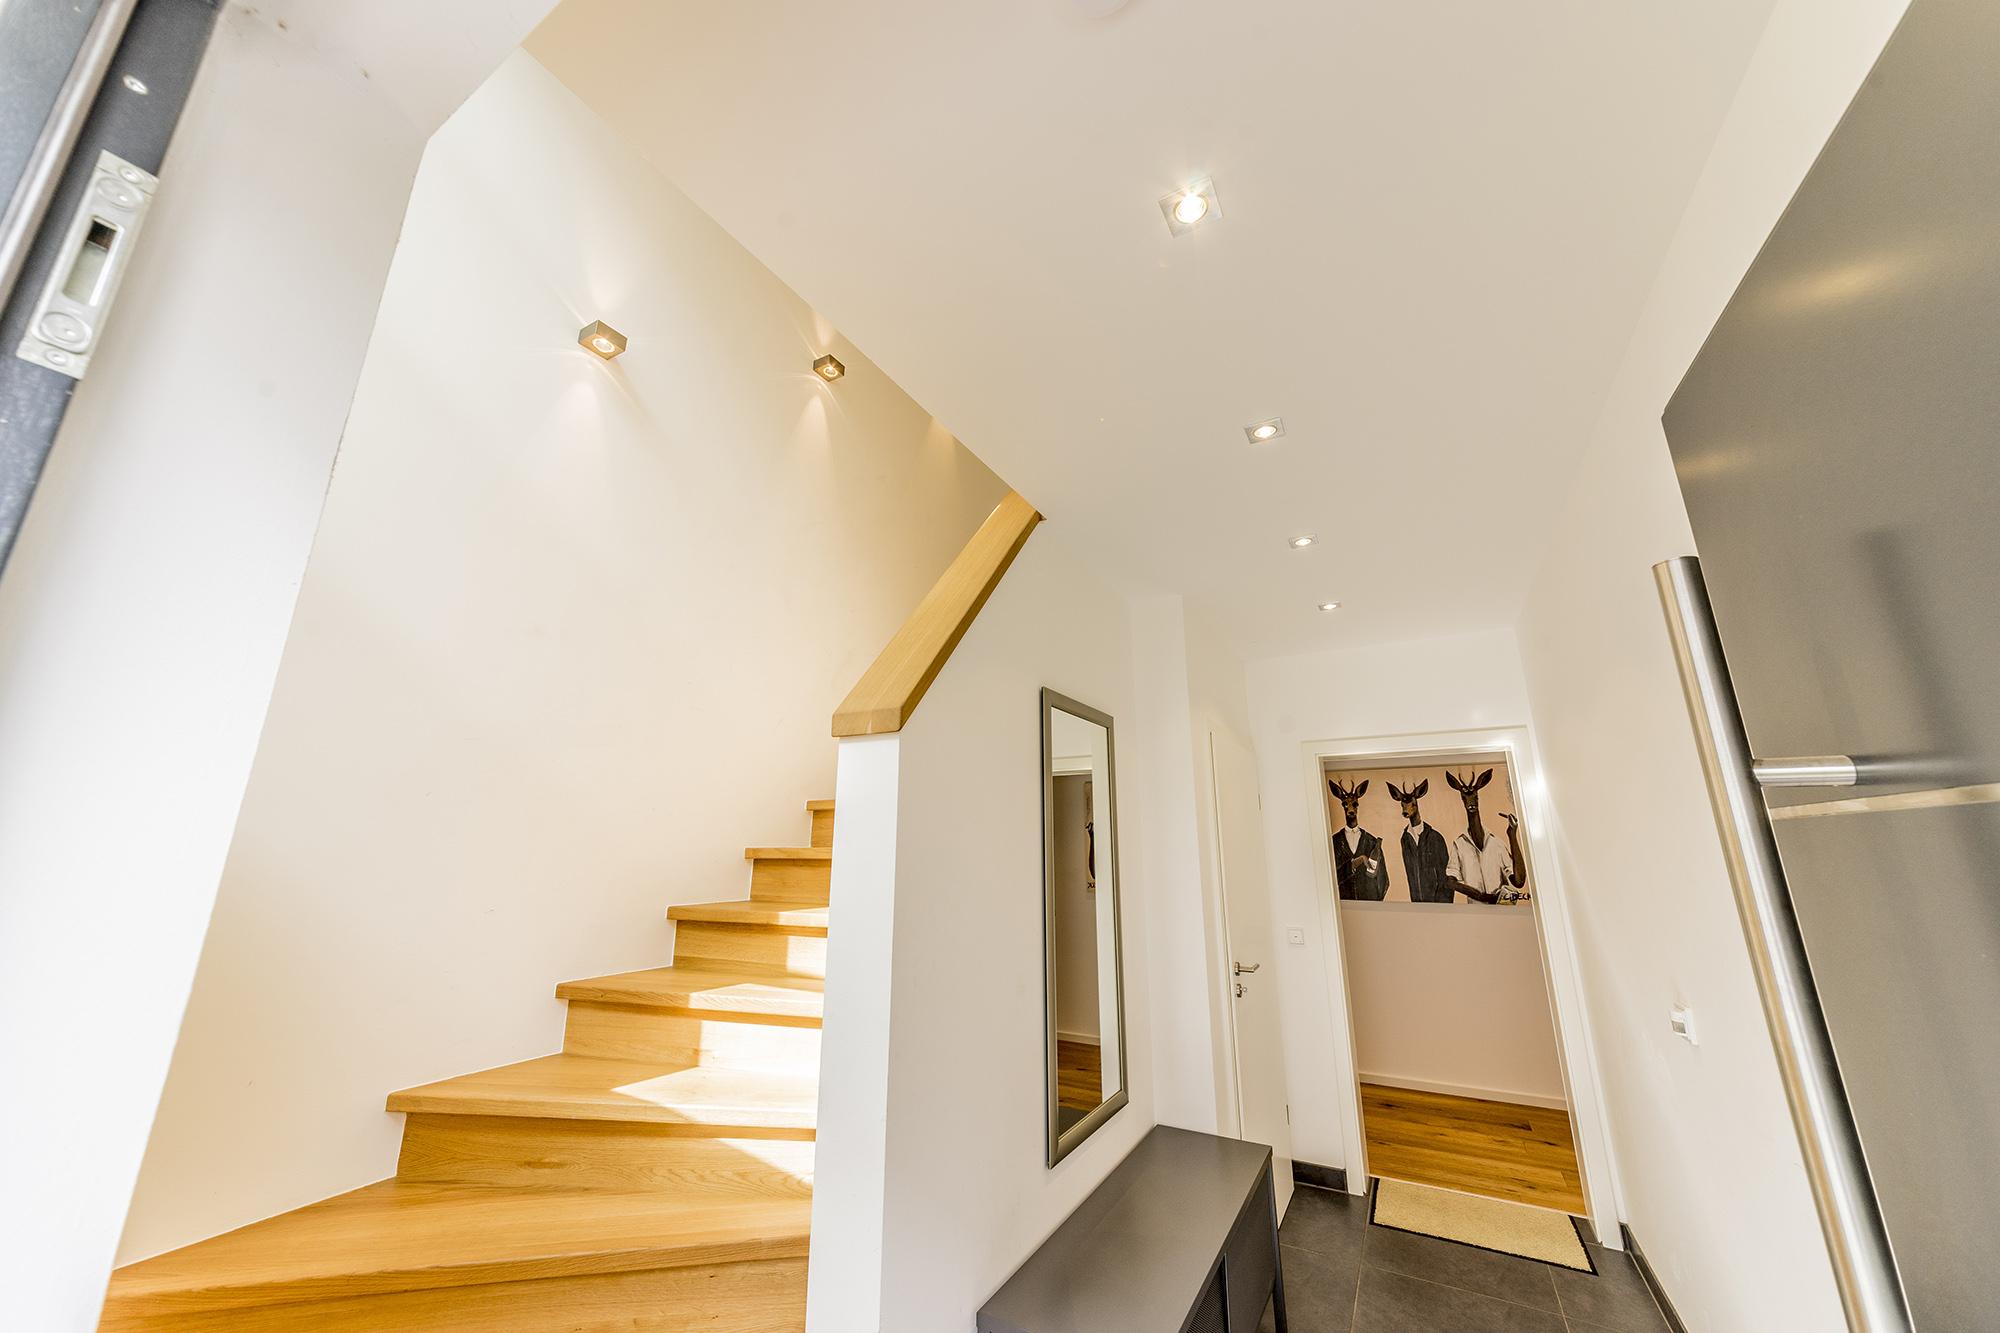 kleine led leuchten f r ein angenehmes licht fischerhaus fertigh user aus bayern. Black Bedroom Furniture Sets. Home Design Ideas